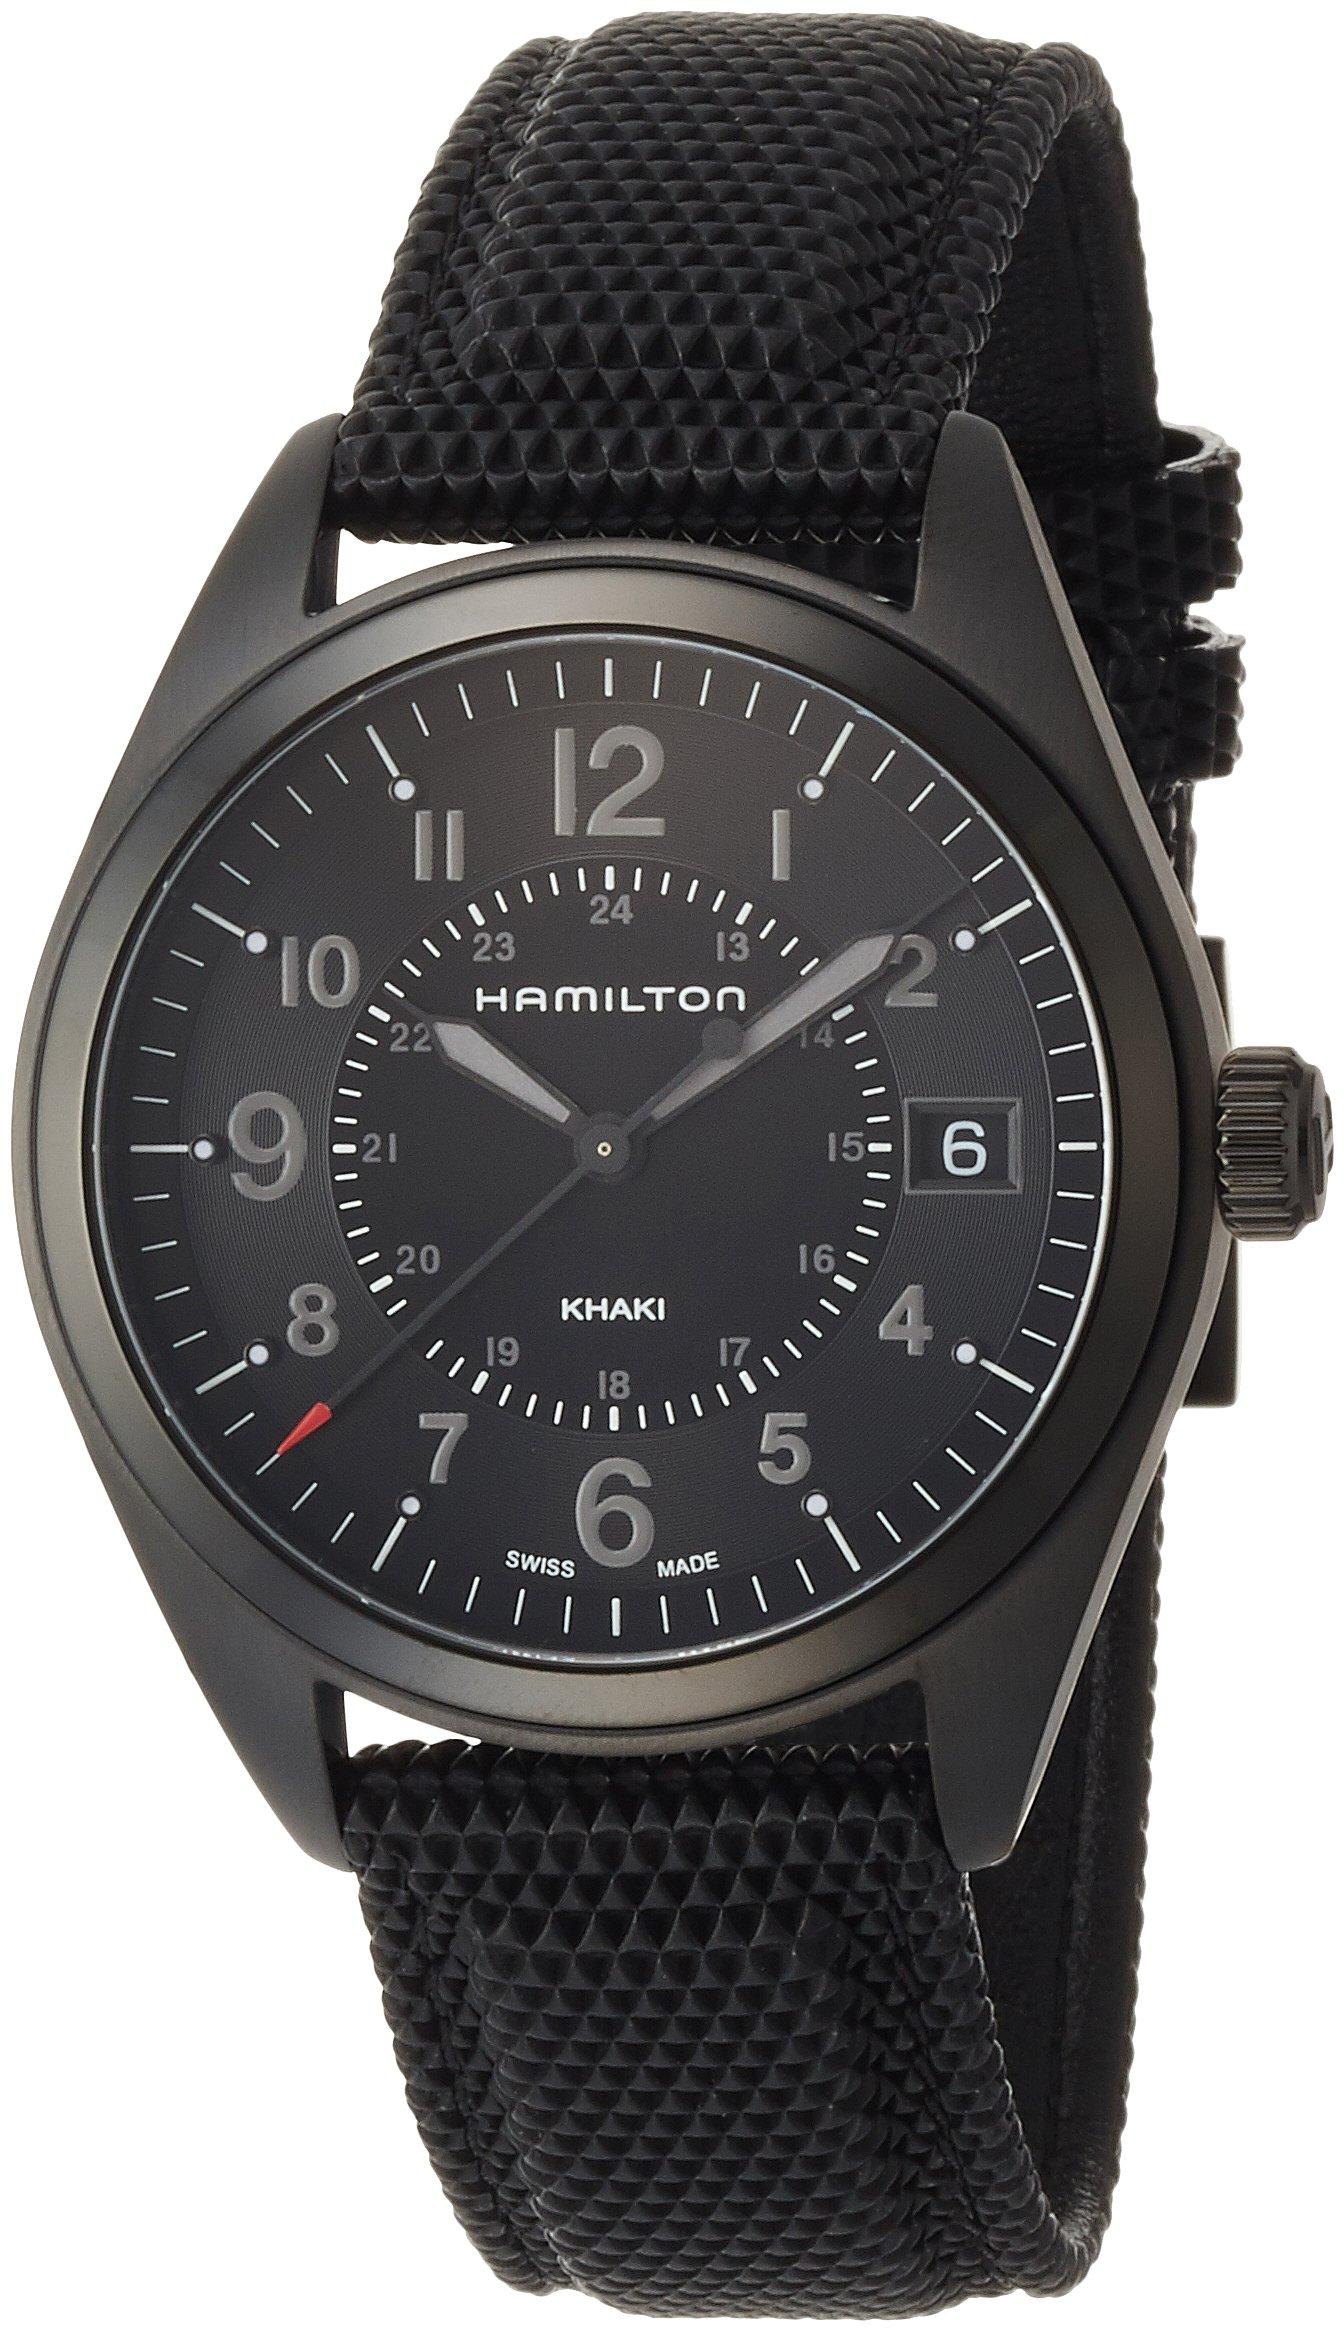 Hamilton Men's Analogue Quartz Watch with Textile Strap H68401735